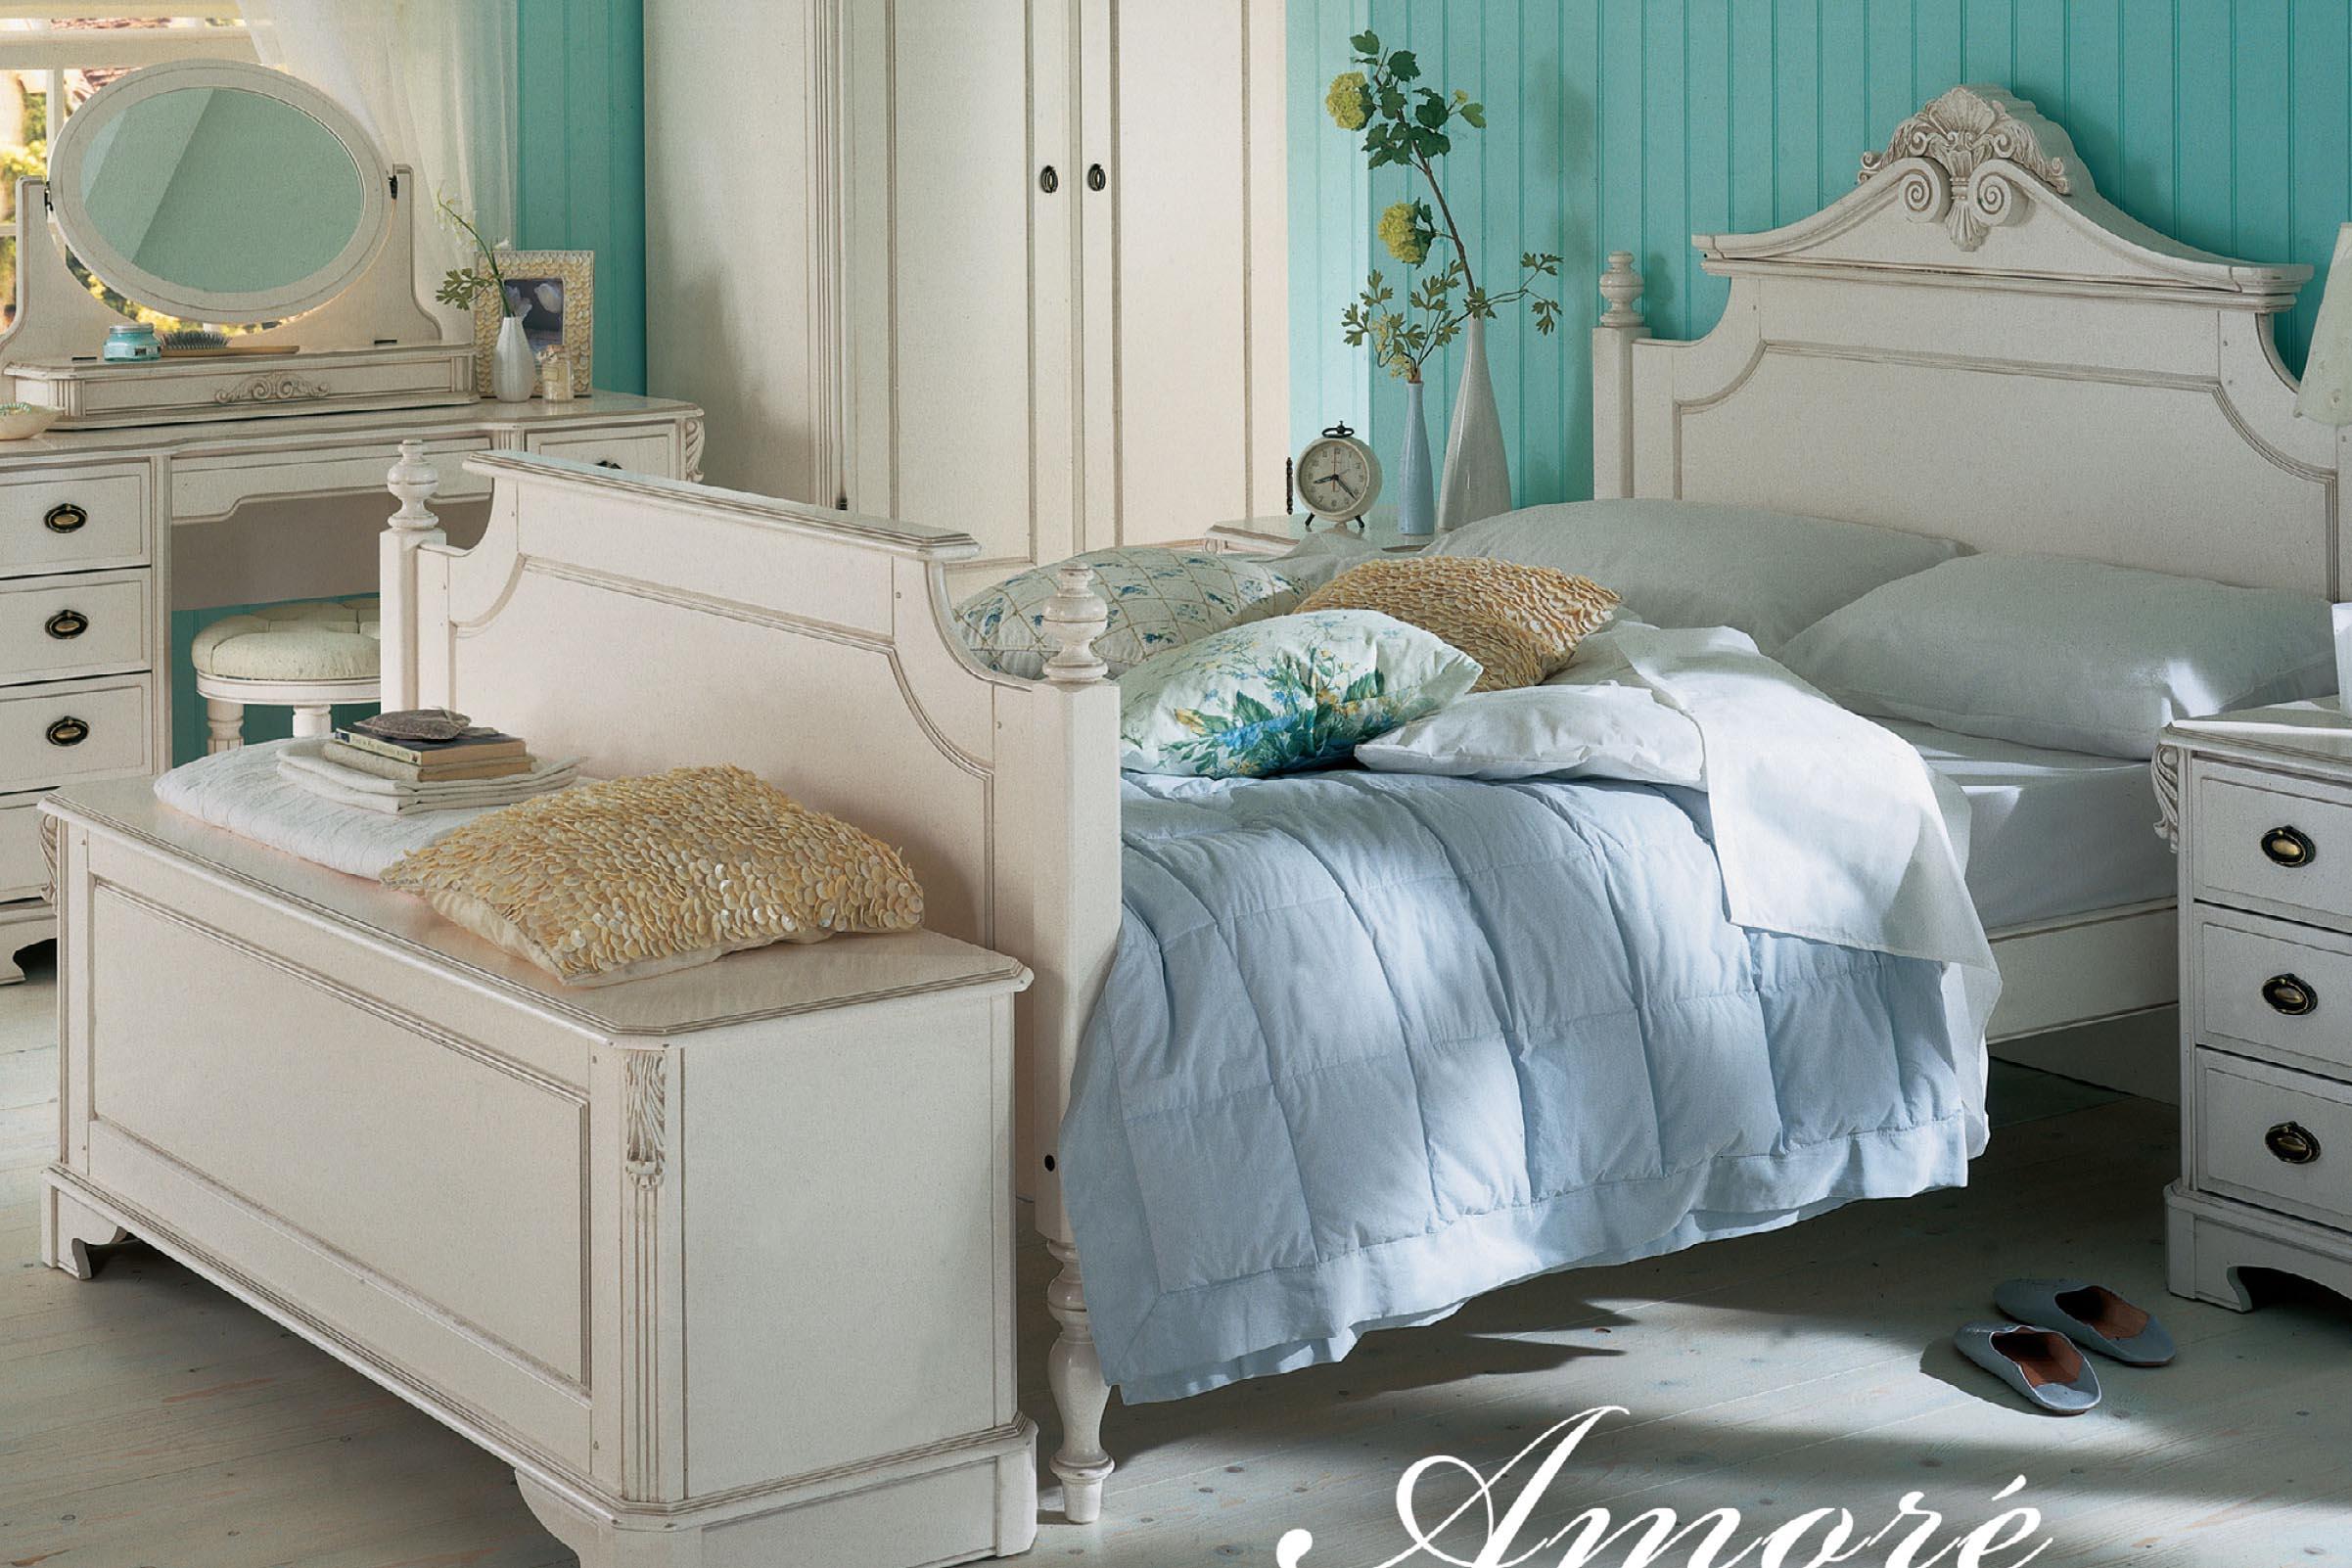 TCH Amore Bedroom Furniture Range